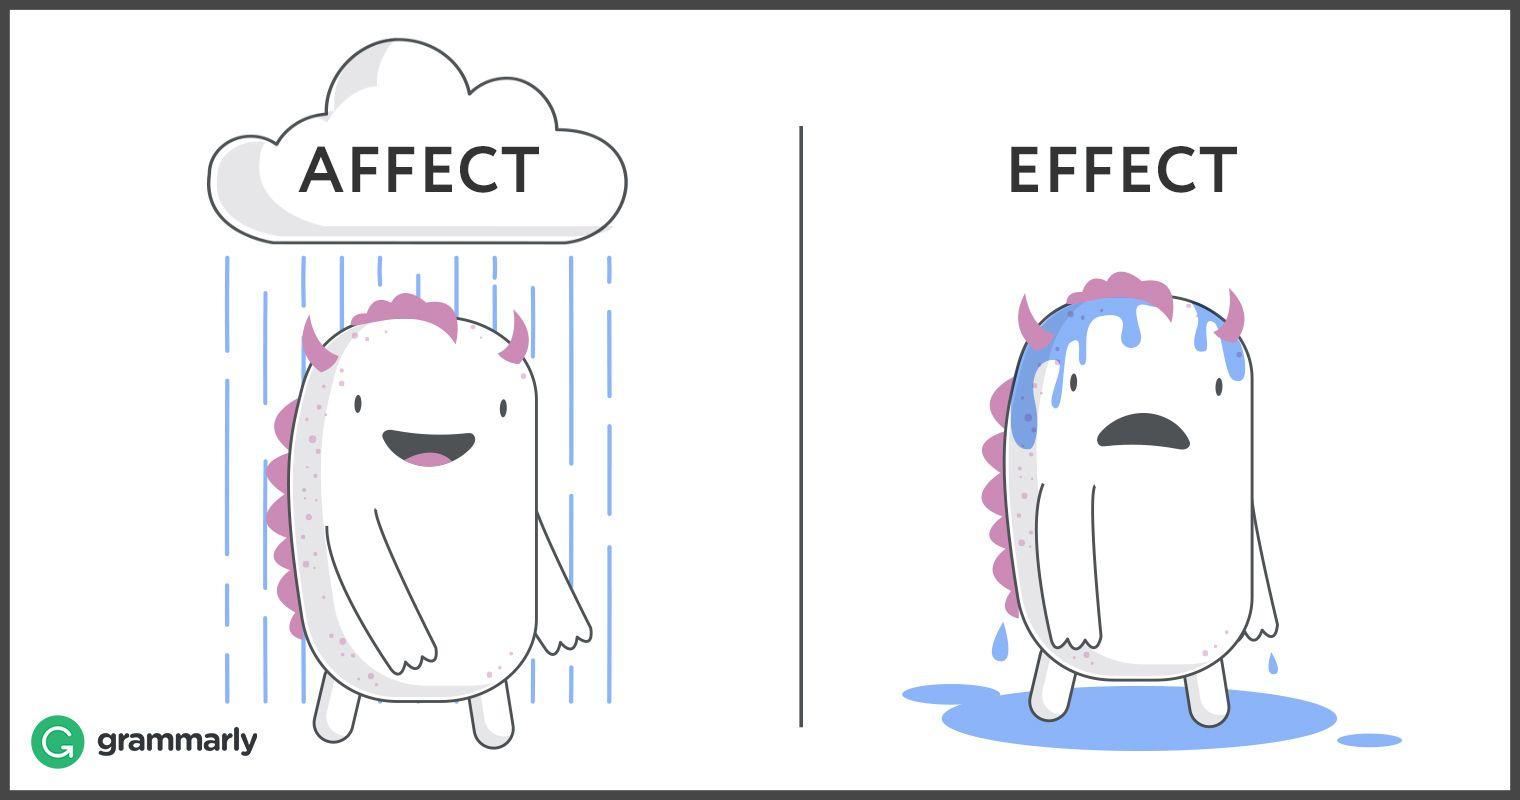 hight resolution of Affect vs. Effect   Grammar nerd